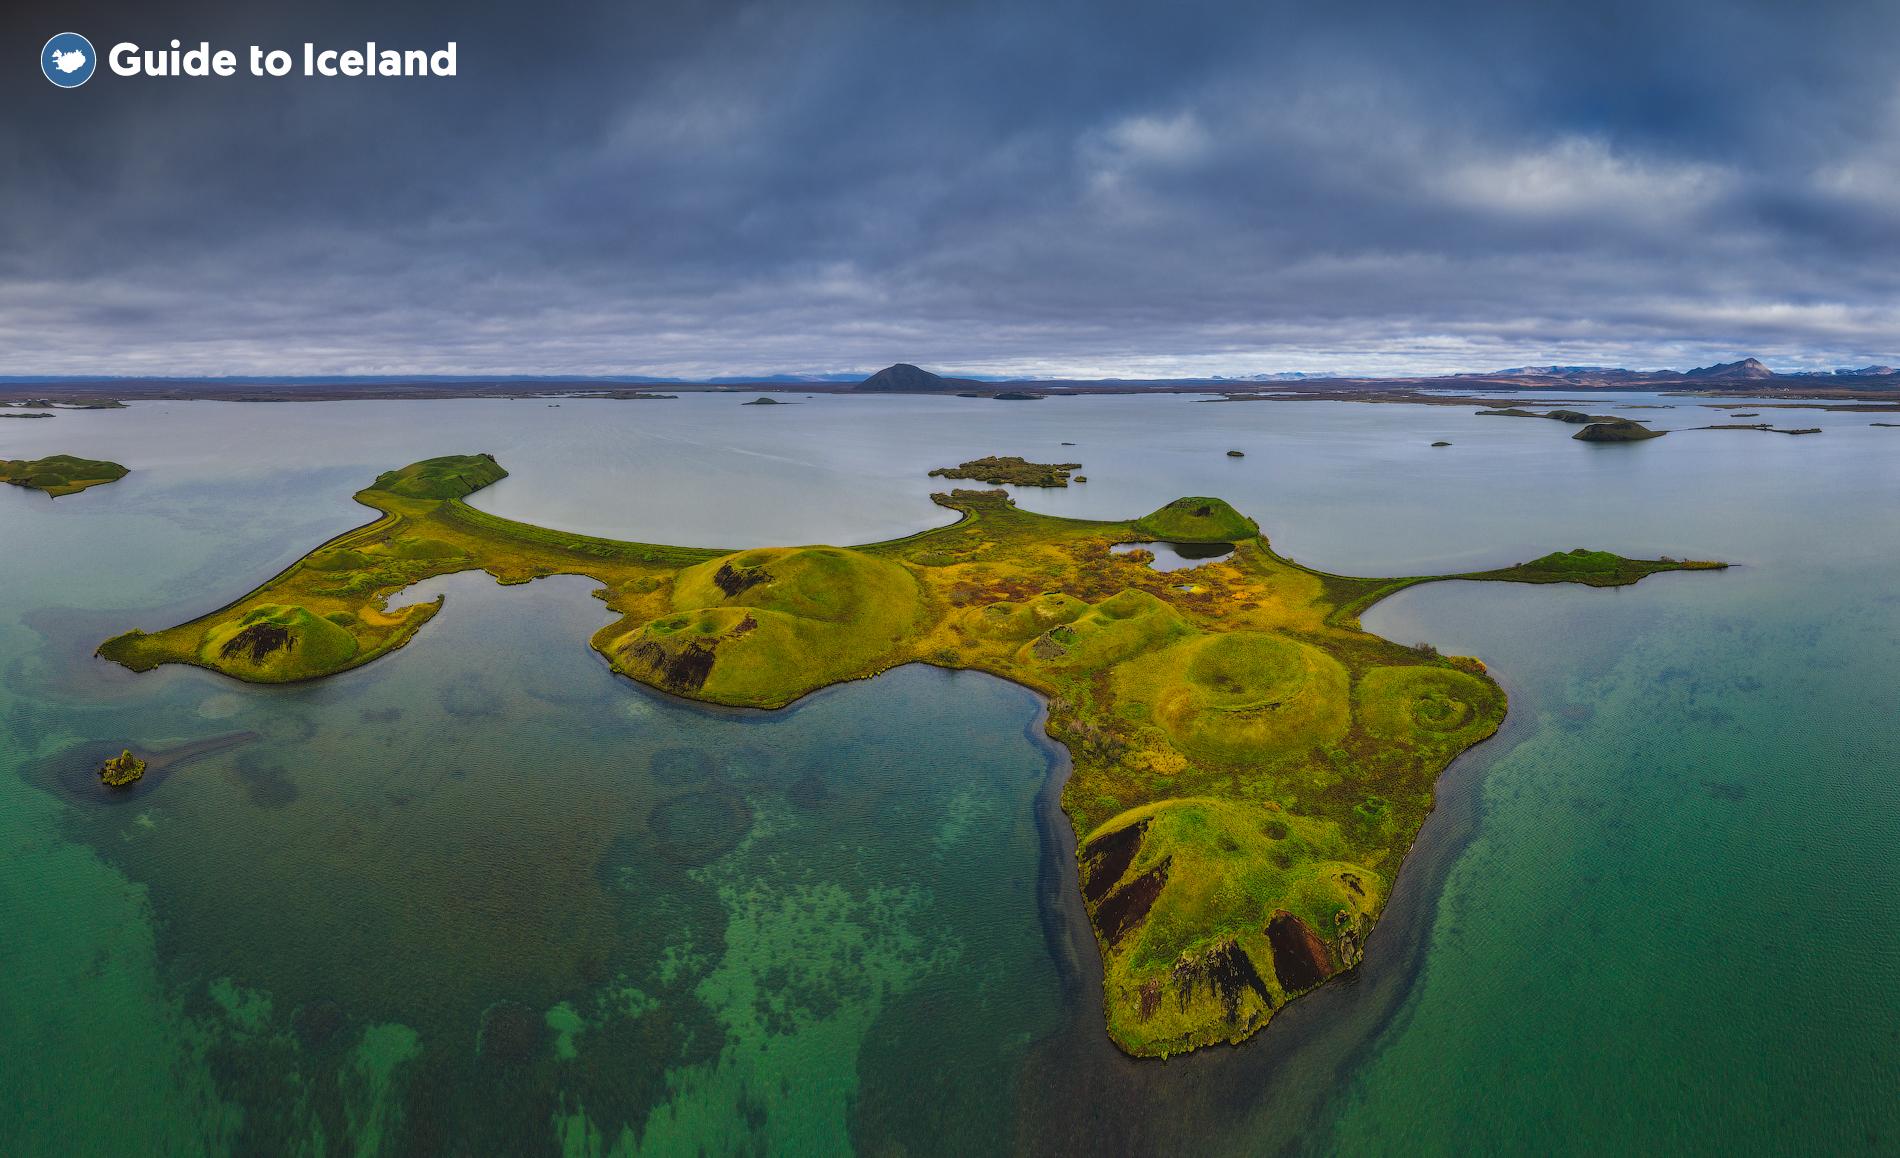 11-dniowa letnia, samodzielna wycieczka po całej obwodnicy Islandii z wodospadami i gorącymi źródłami - day 5